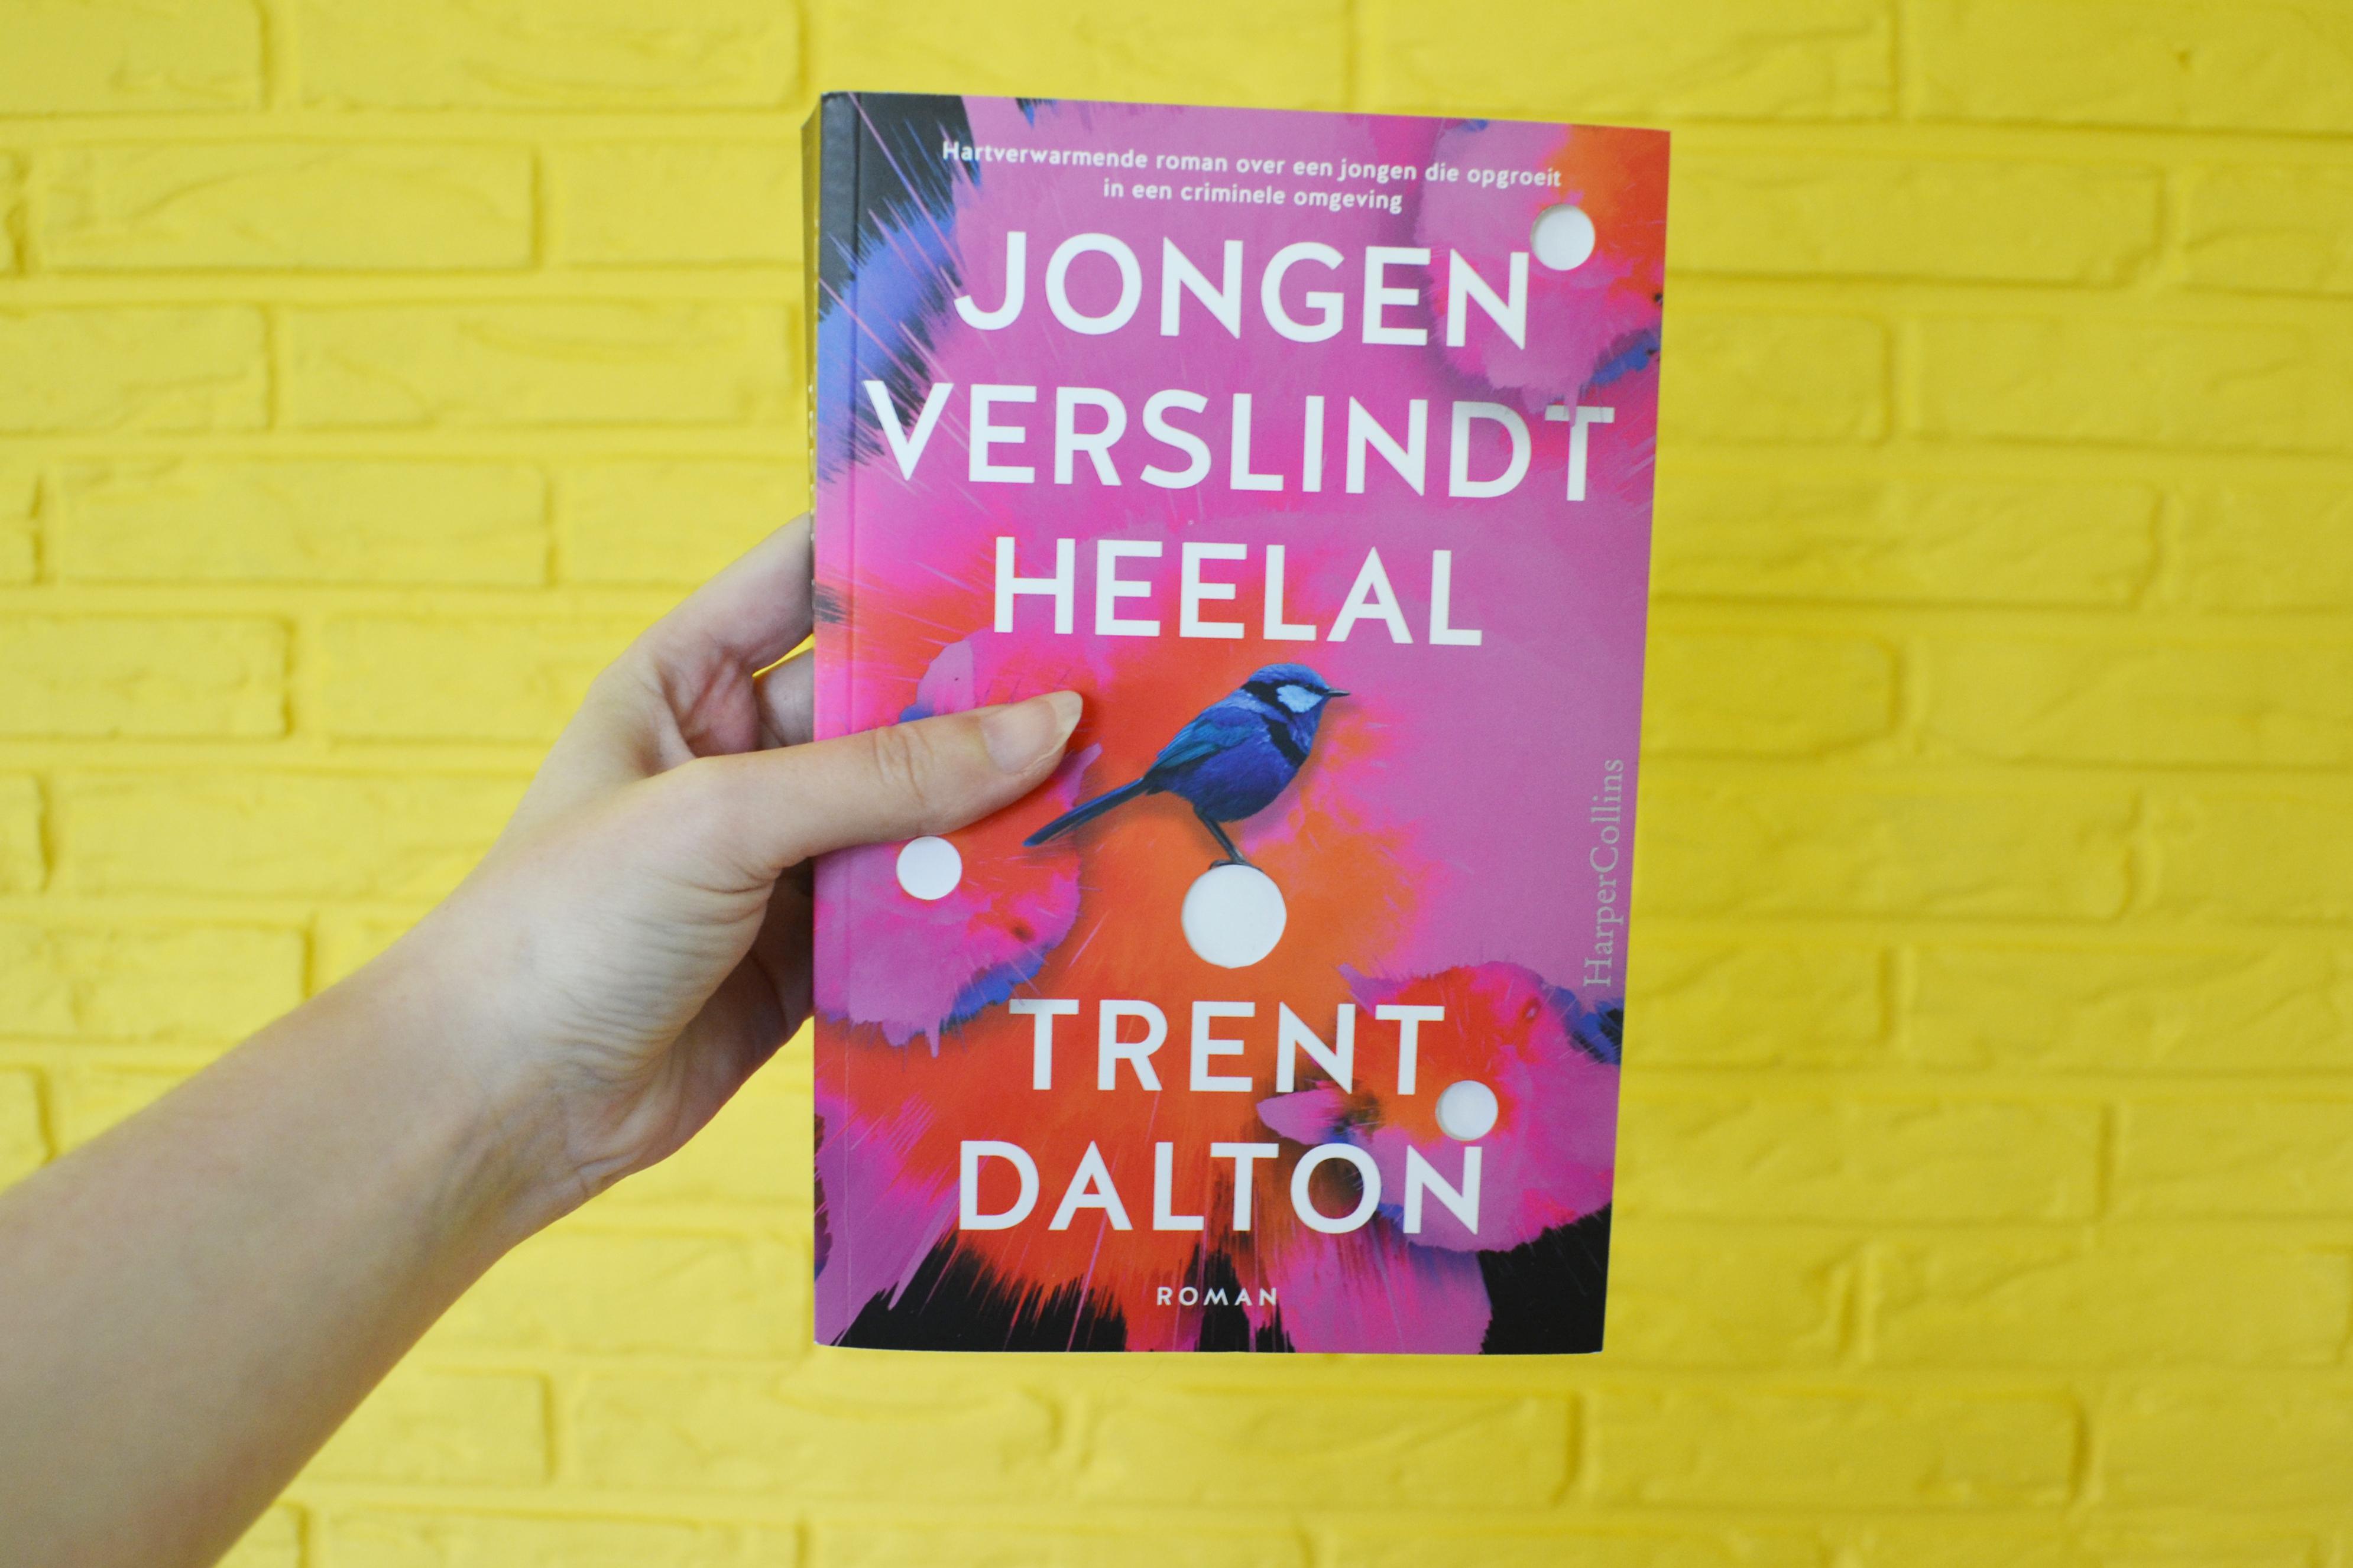 Trent Dalton - Jongen verslindt heelal